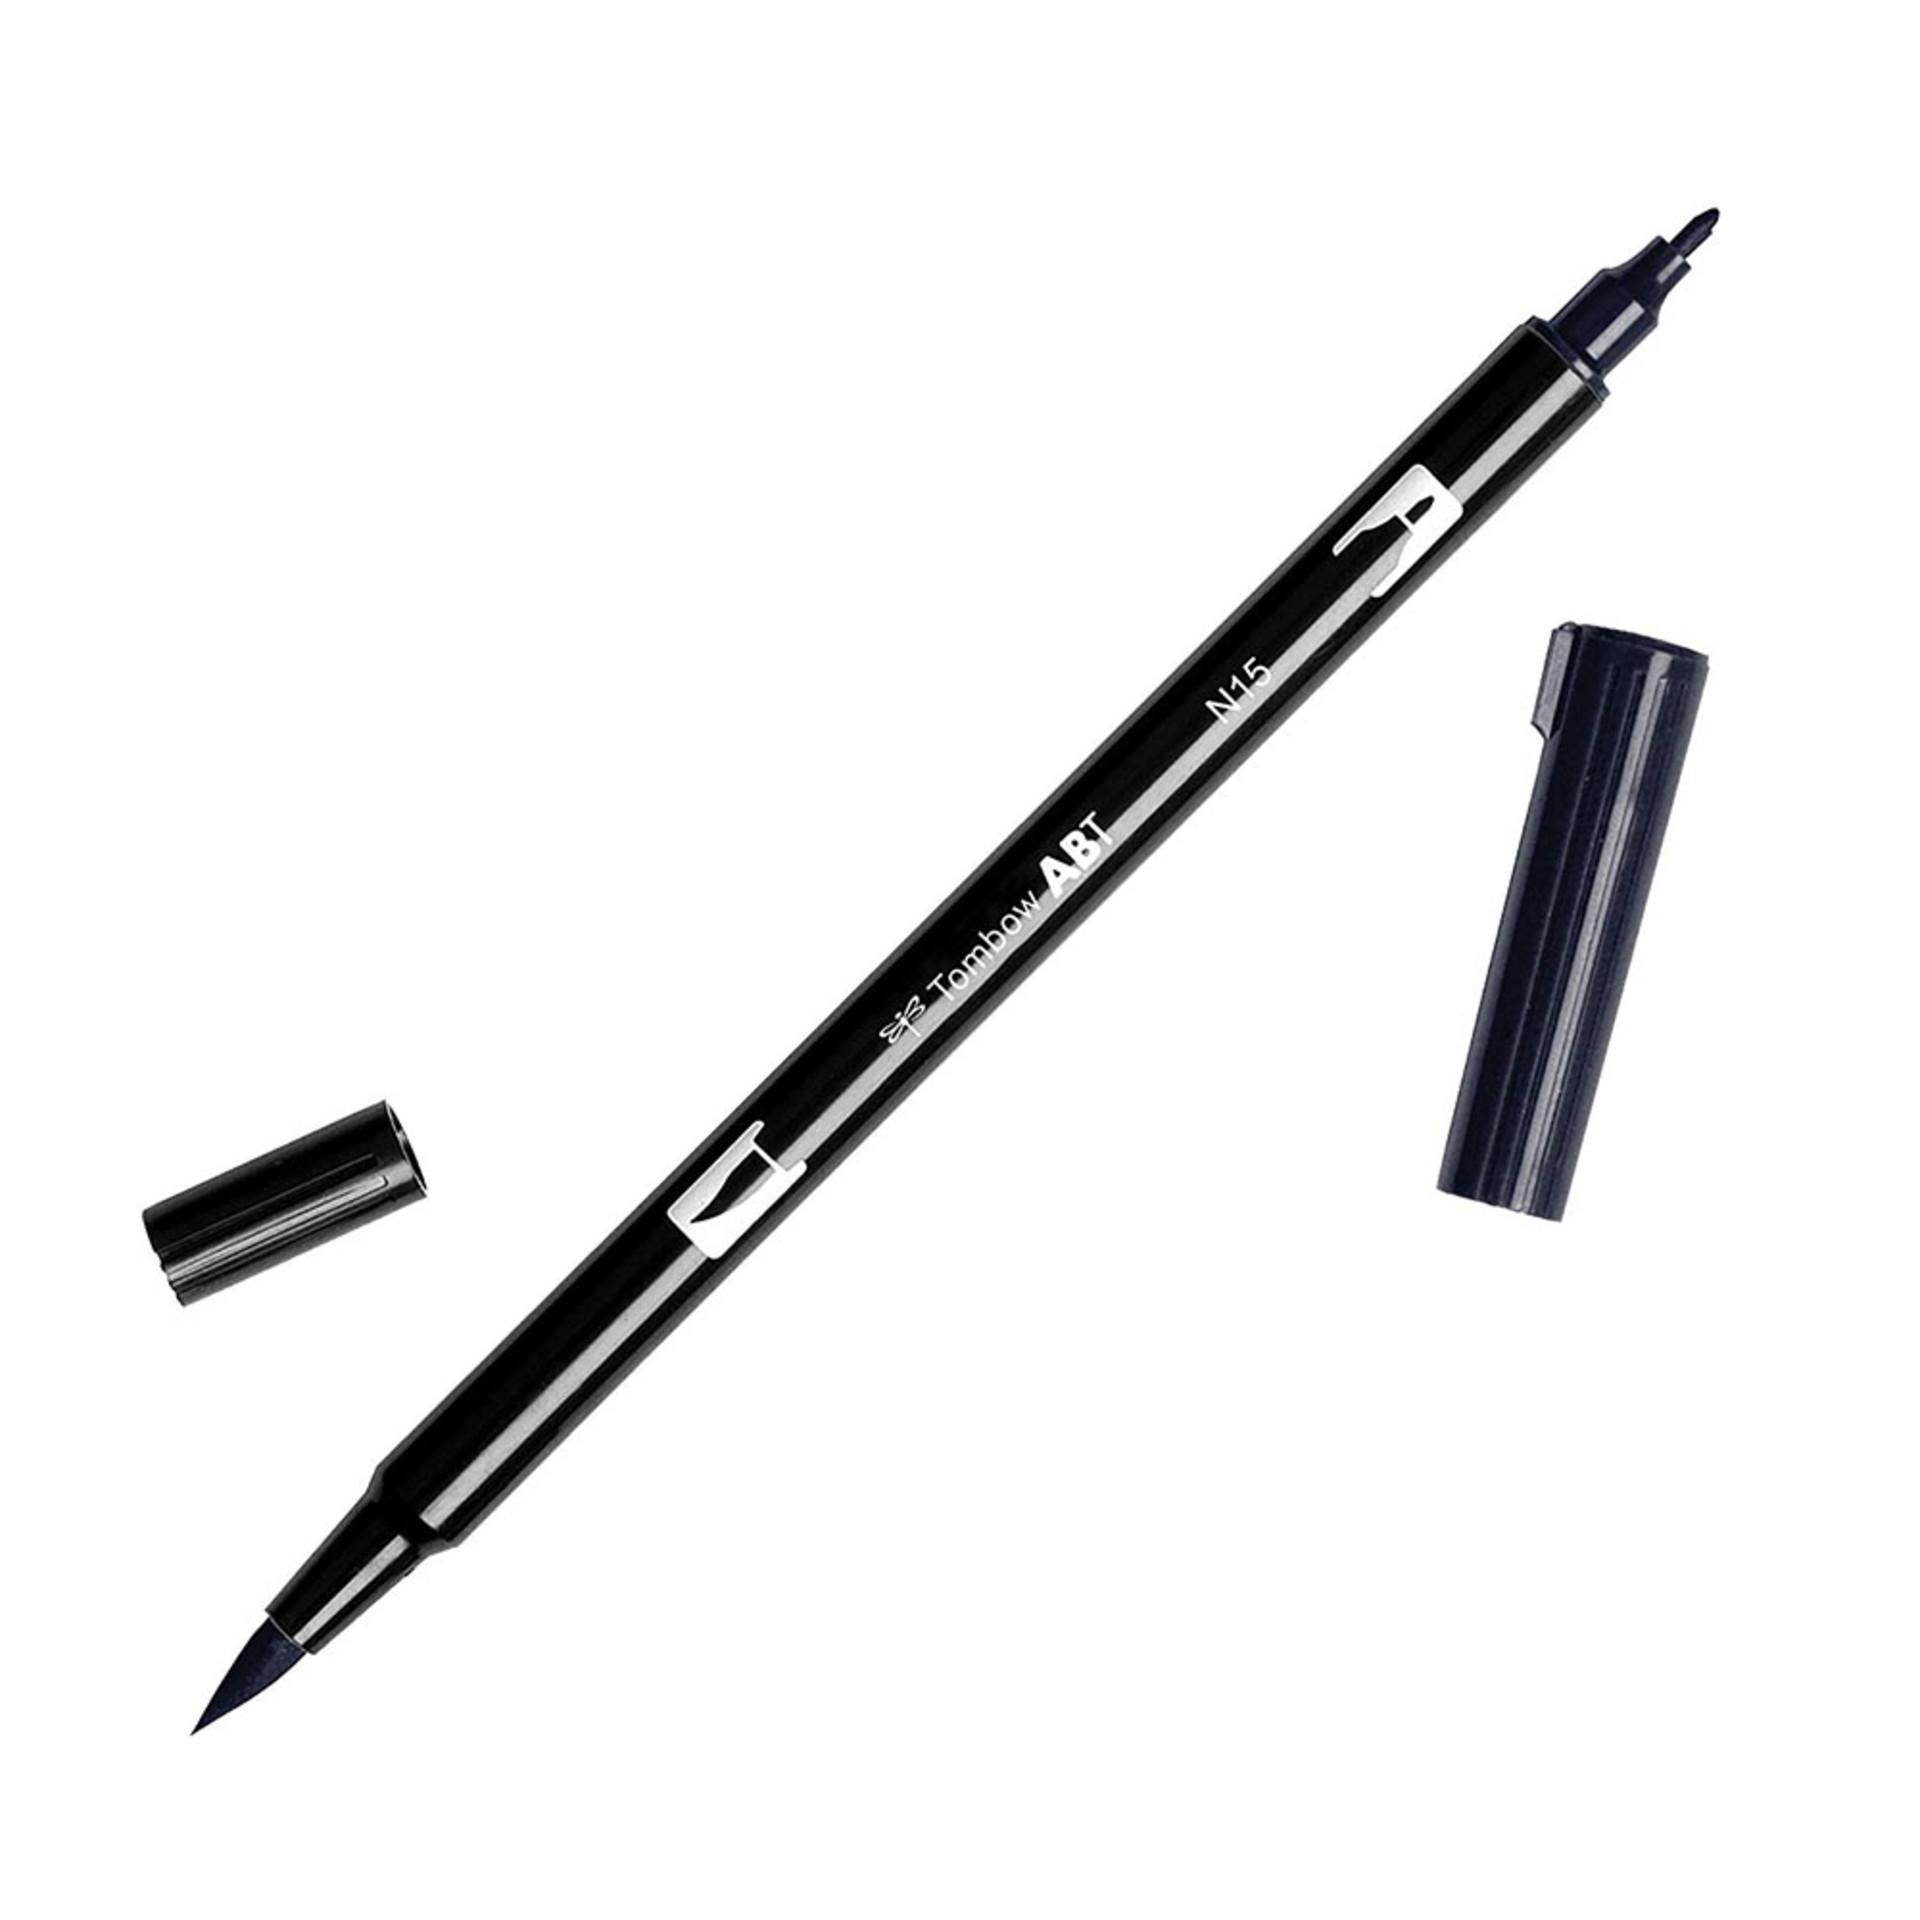 Tombow Dual-Tip Brush Marker Pen – Black